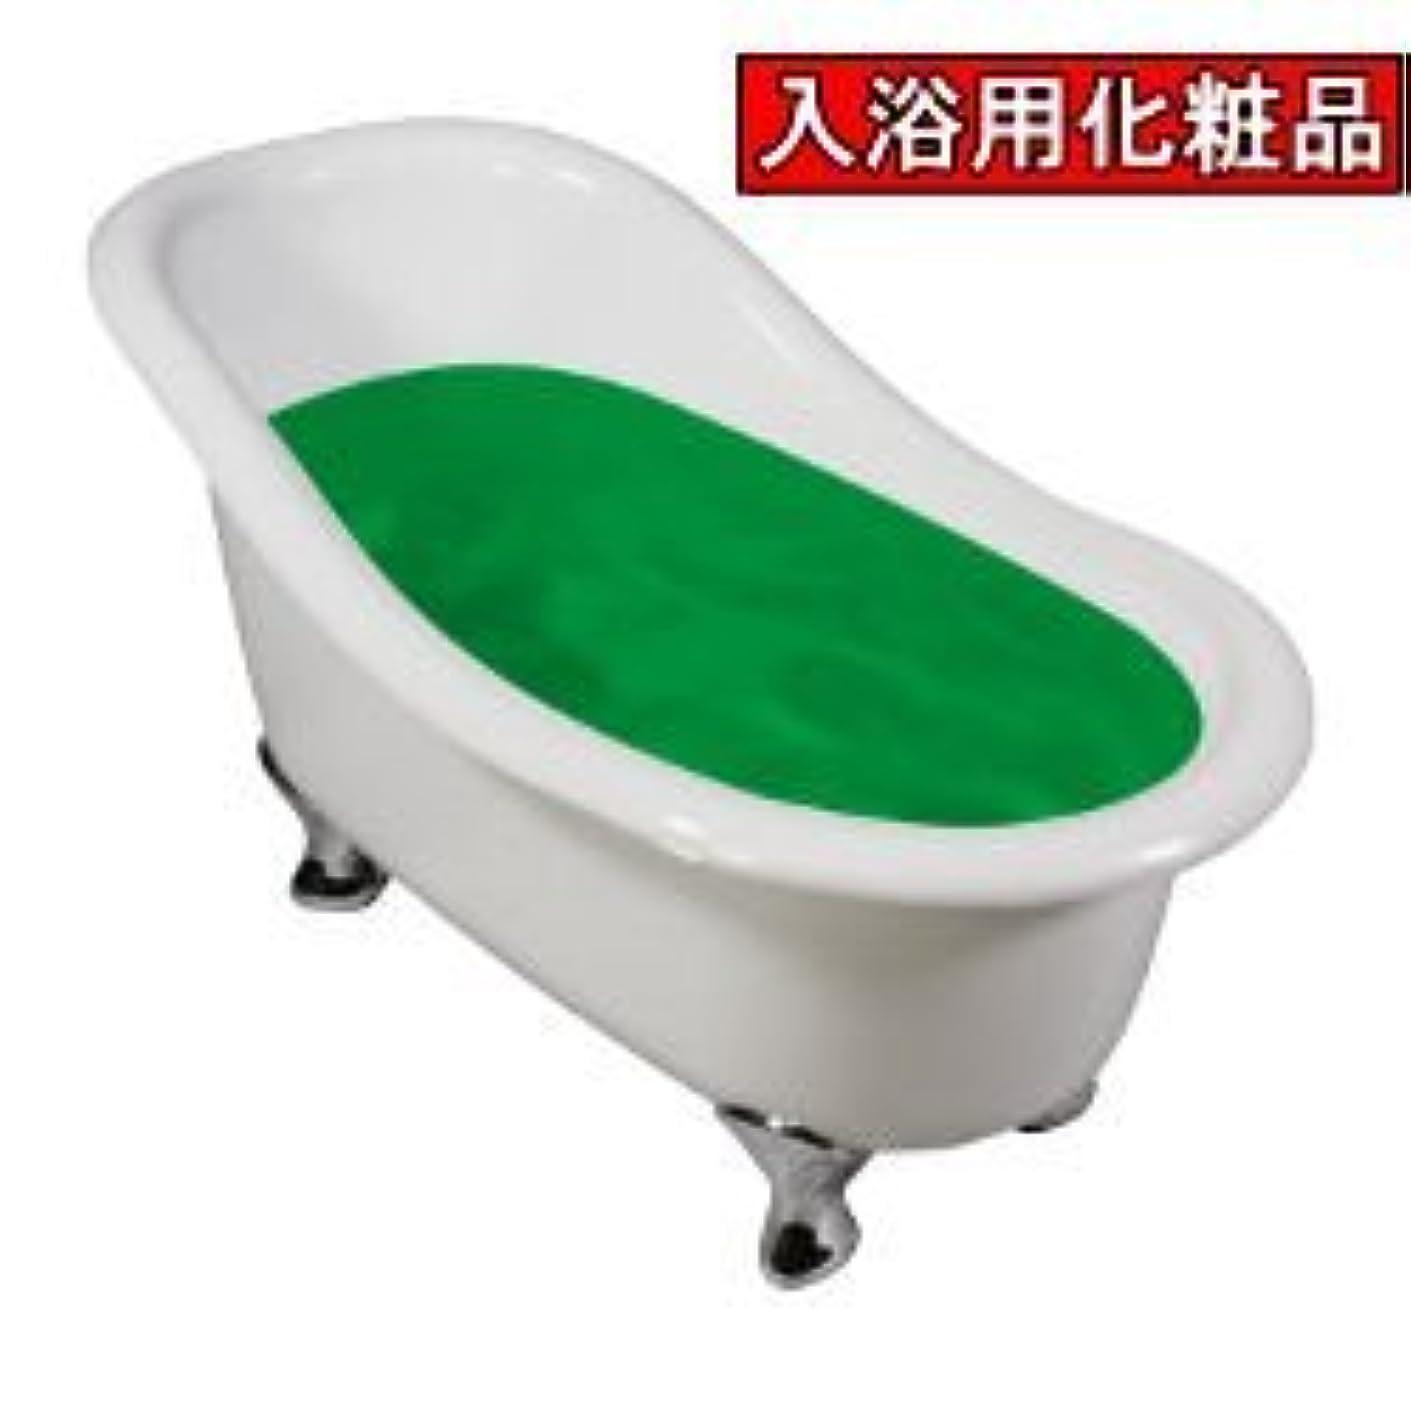 石鹸スパン反対に業務用入浴剤イヴタス 緑茶 17kg 業務用サイズ